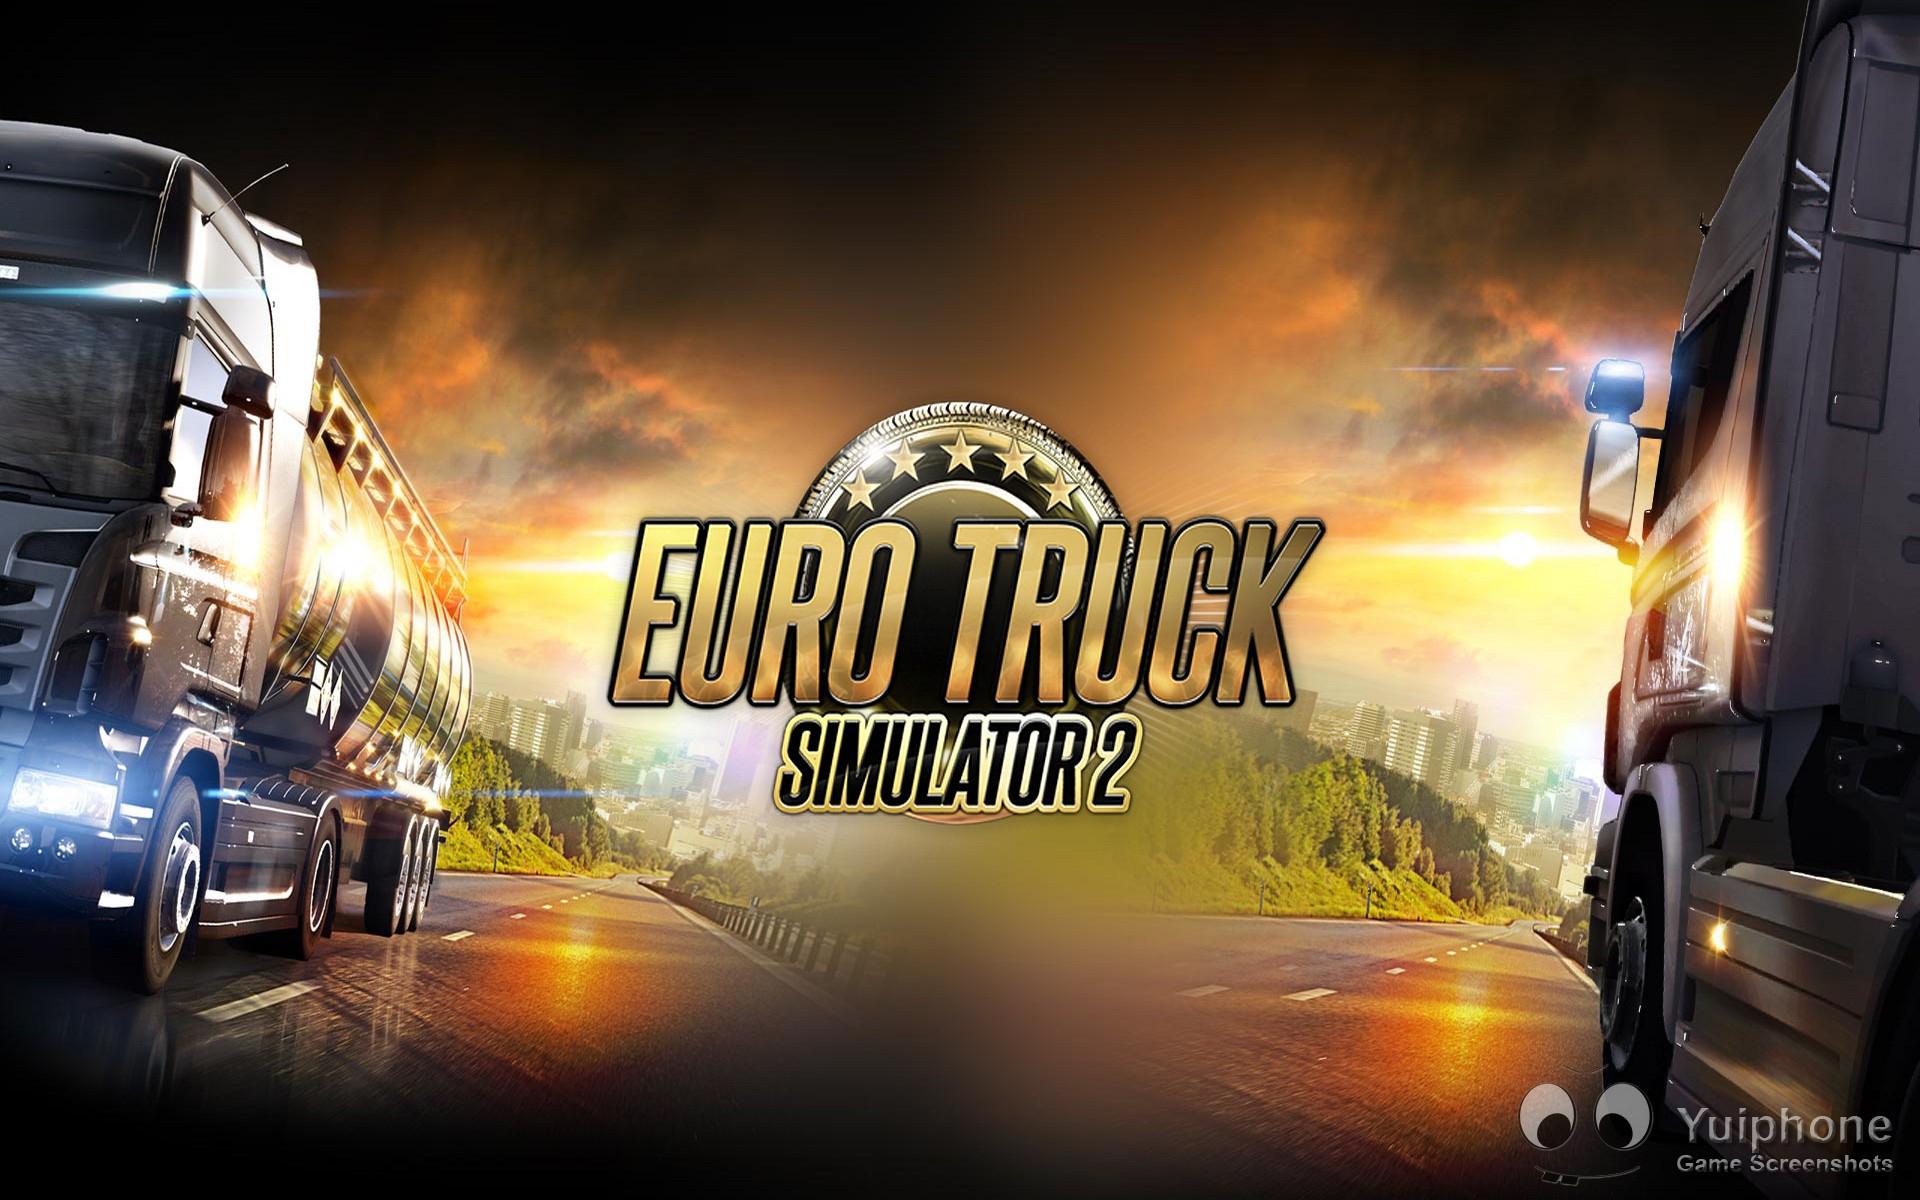 Télécharger Euro Truck Simulator 2 Pour Pc Gratuit (Windows) encequiconcerne Jeux Telecharger Pc Gratuit